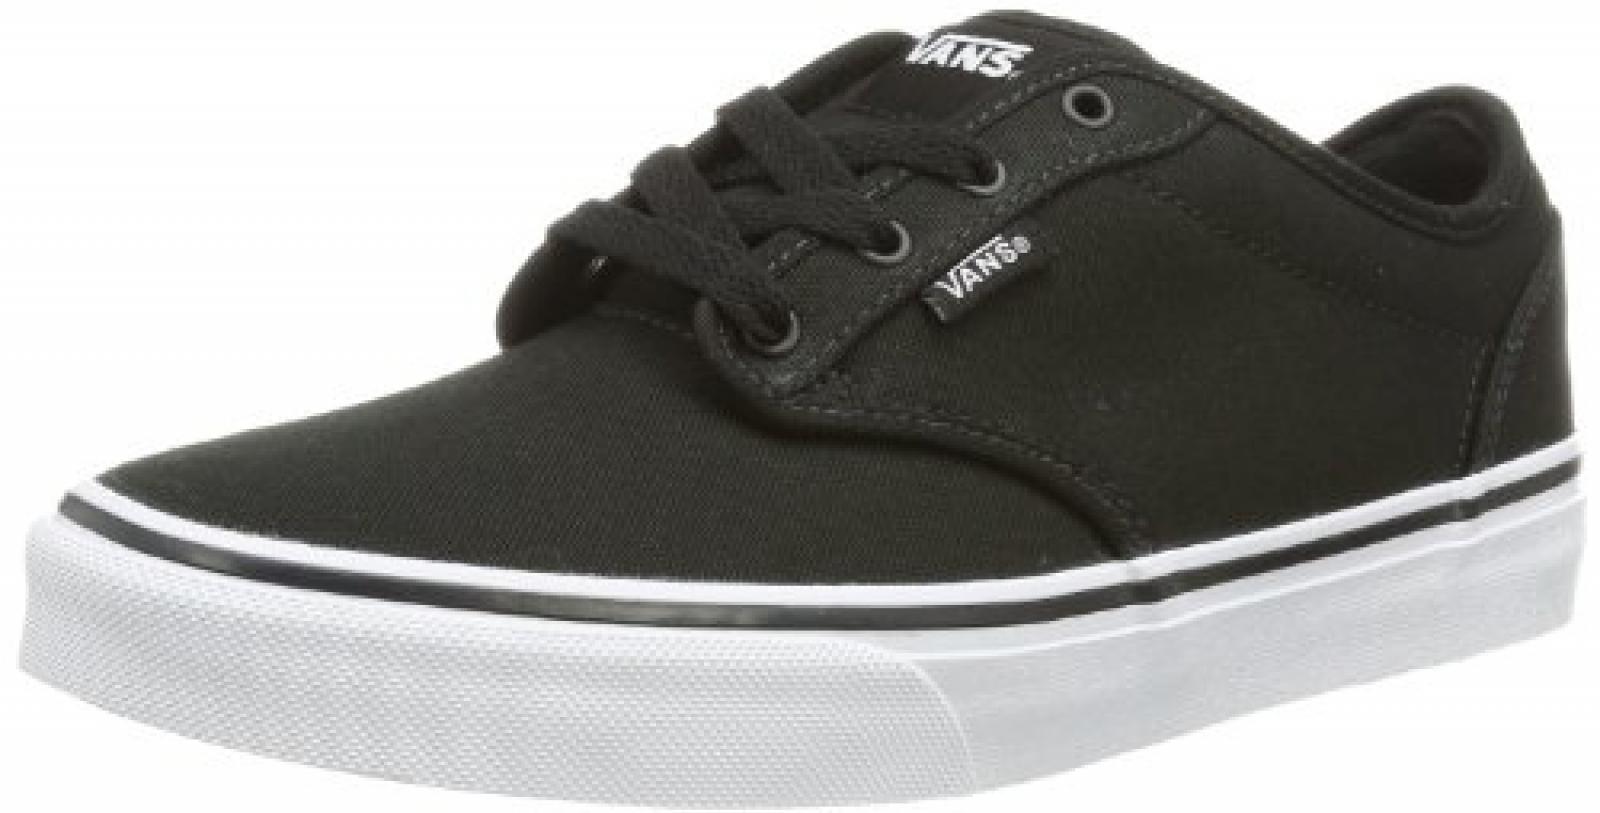 Vans ATWOOD Unisex-Kinder Sneakers